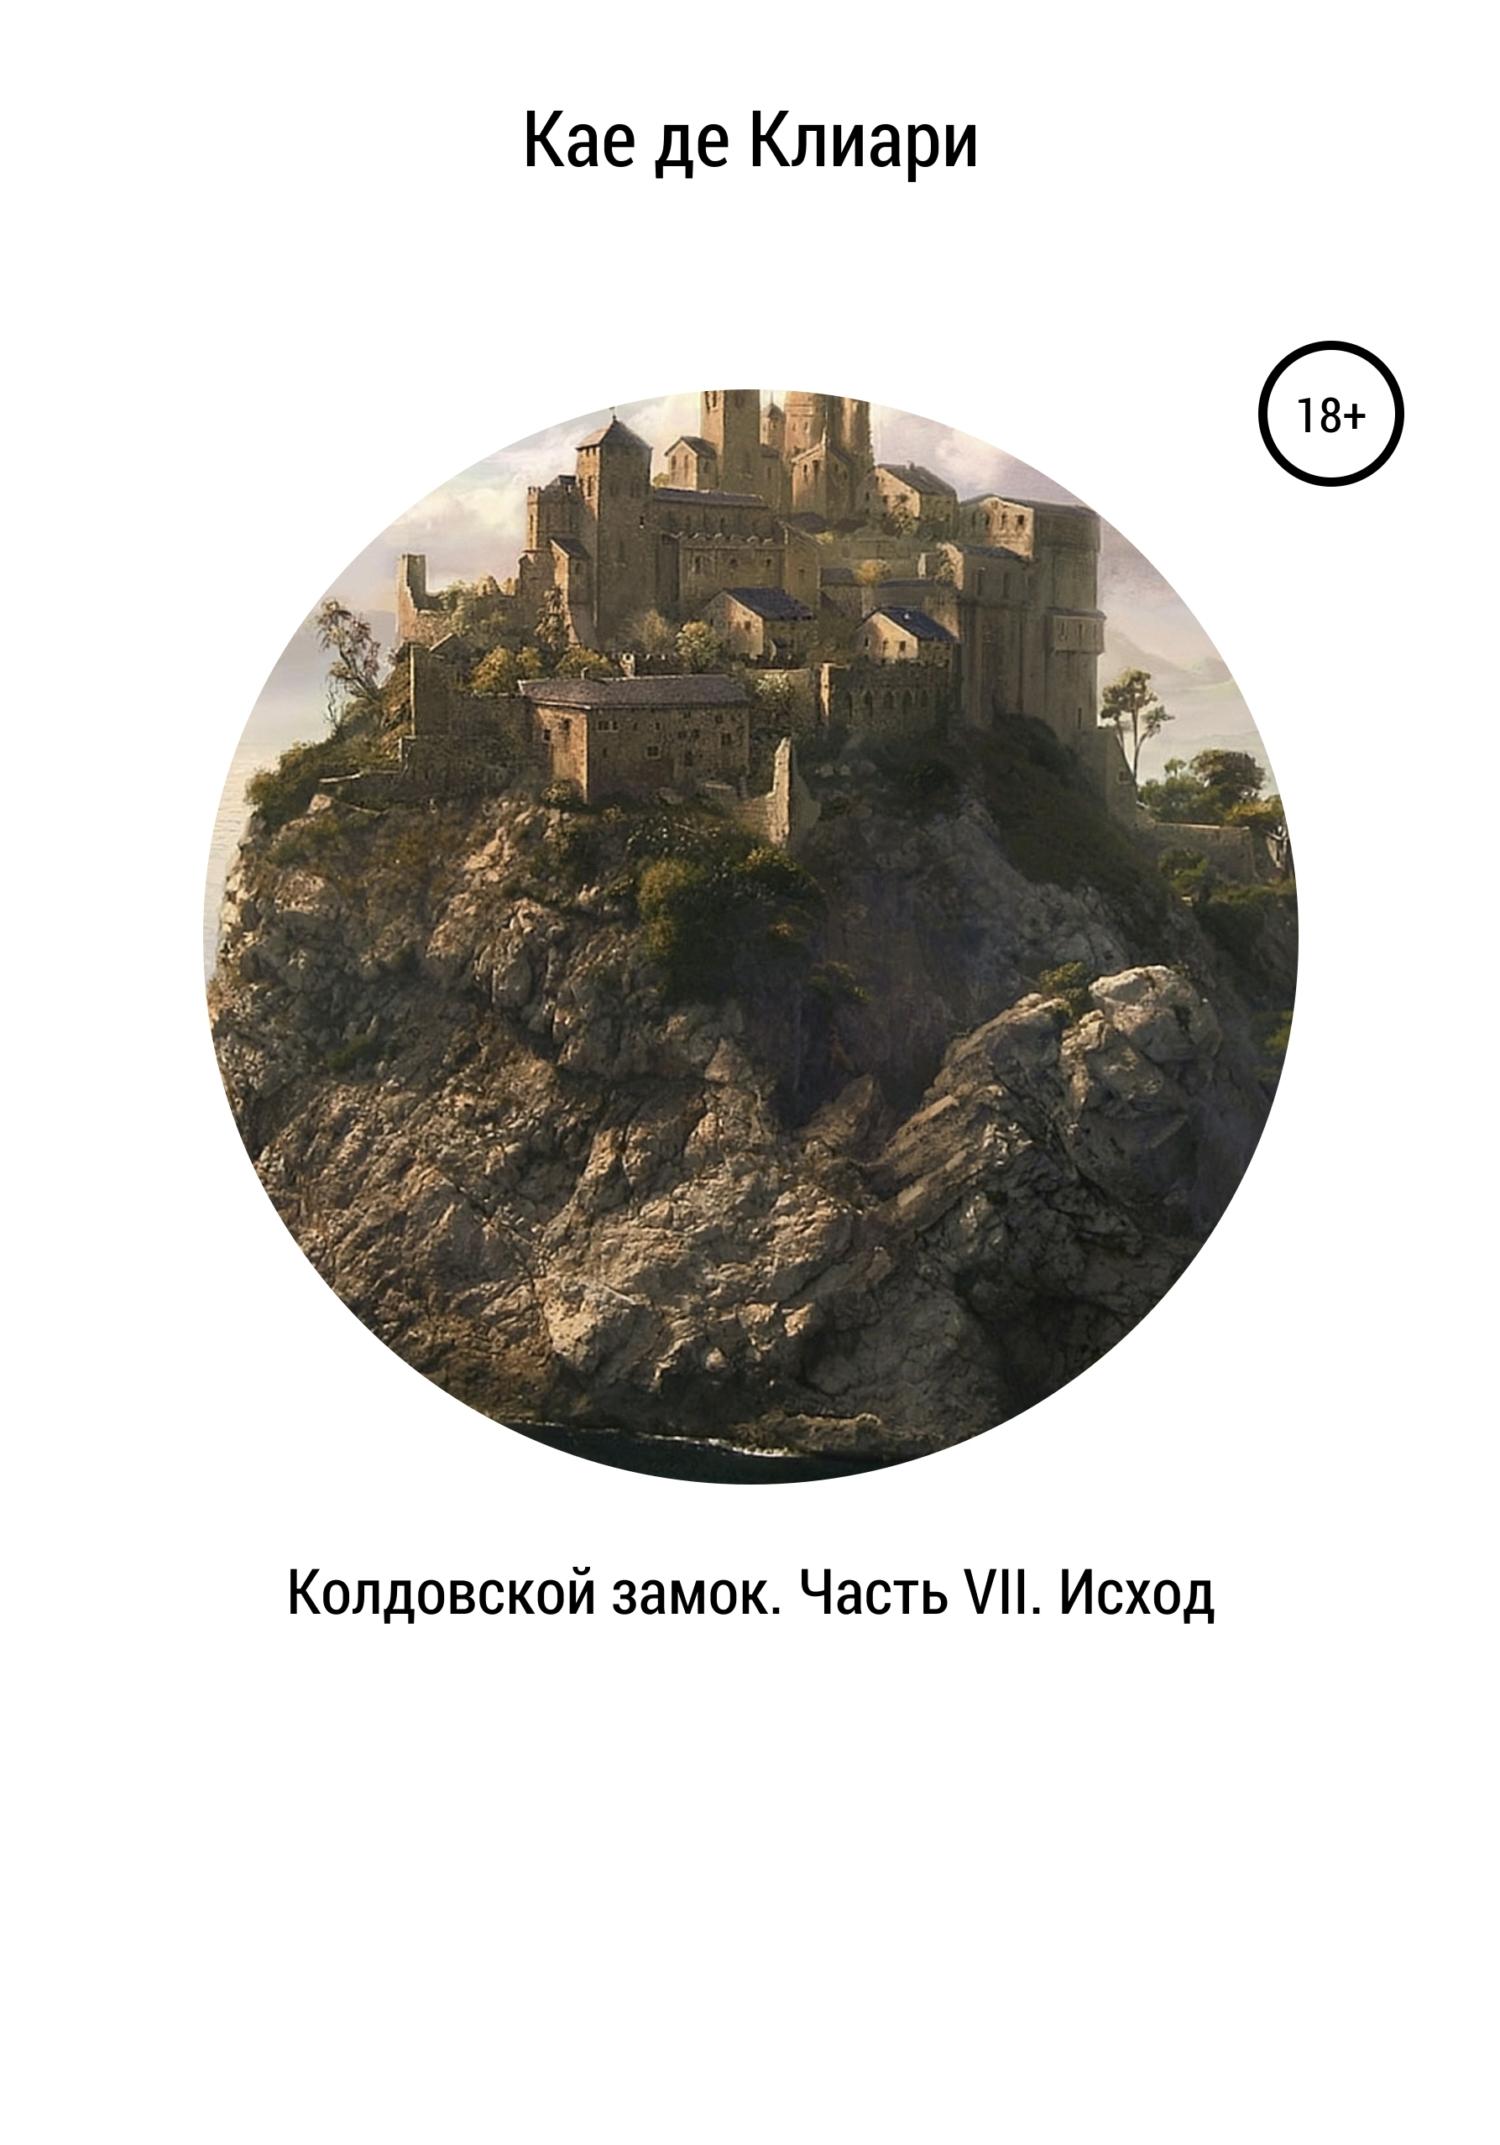 Кае де Клиари Колдовской замок. Часть VII. Исход кае де клиари колдовской замок часть v интермеццо интермеццо